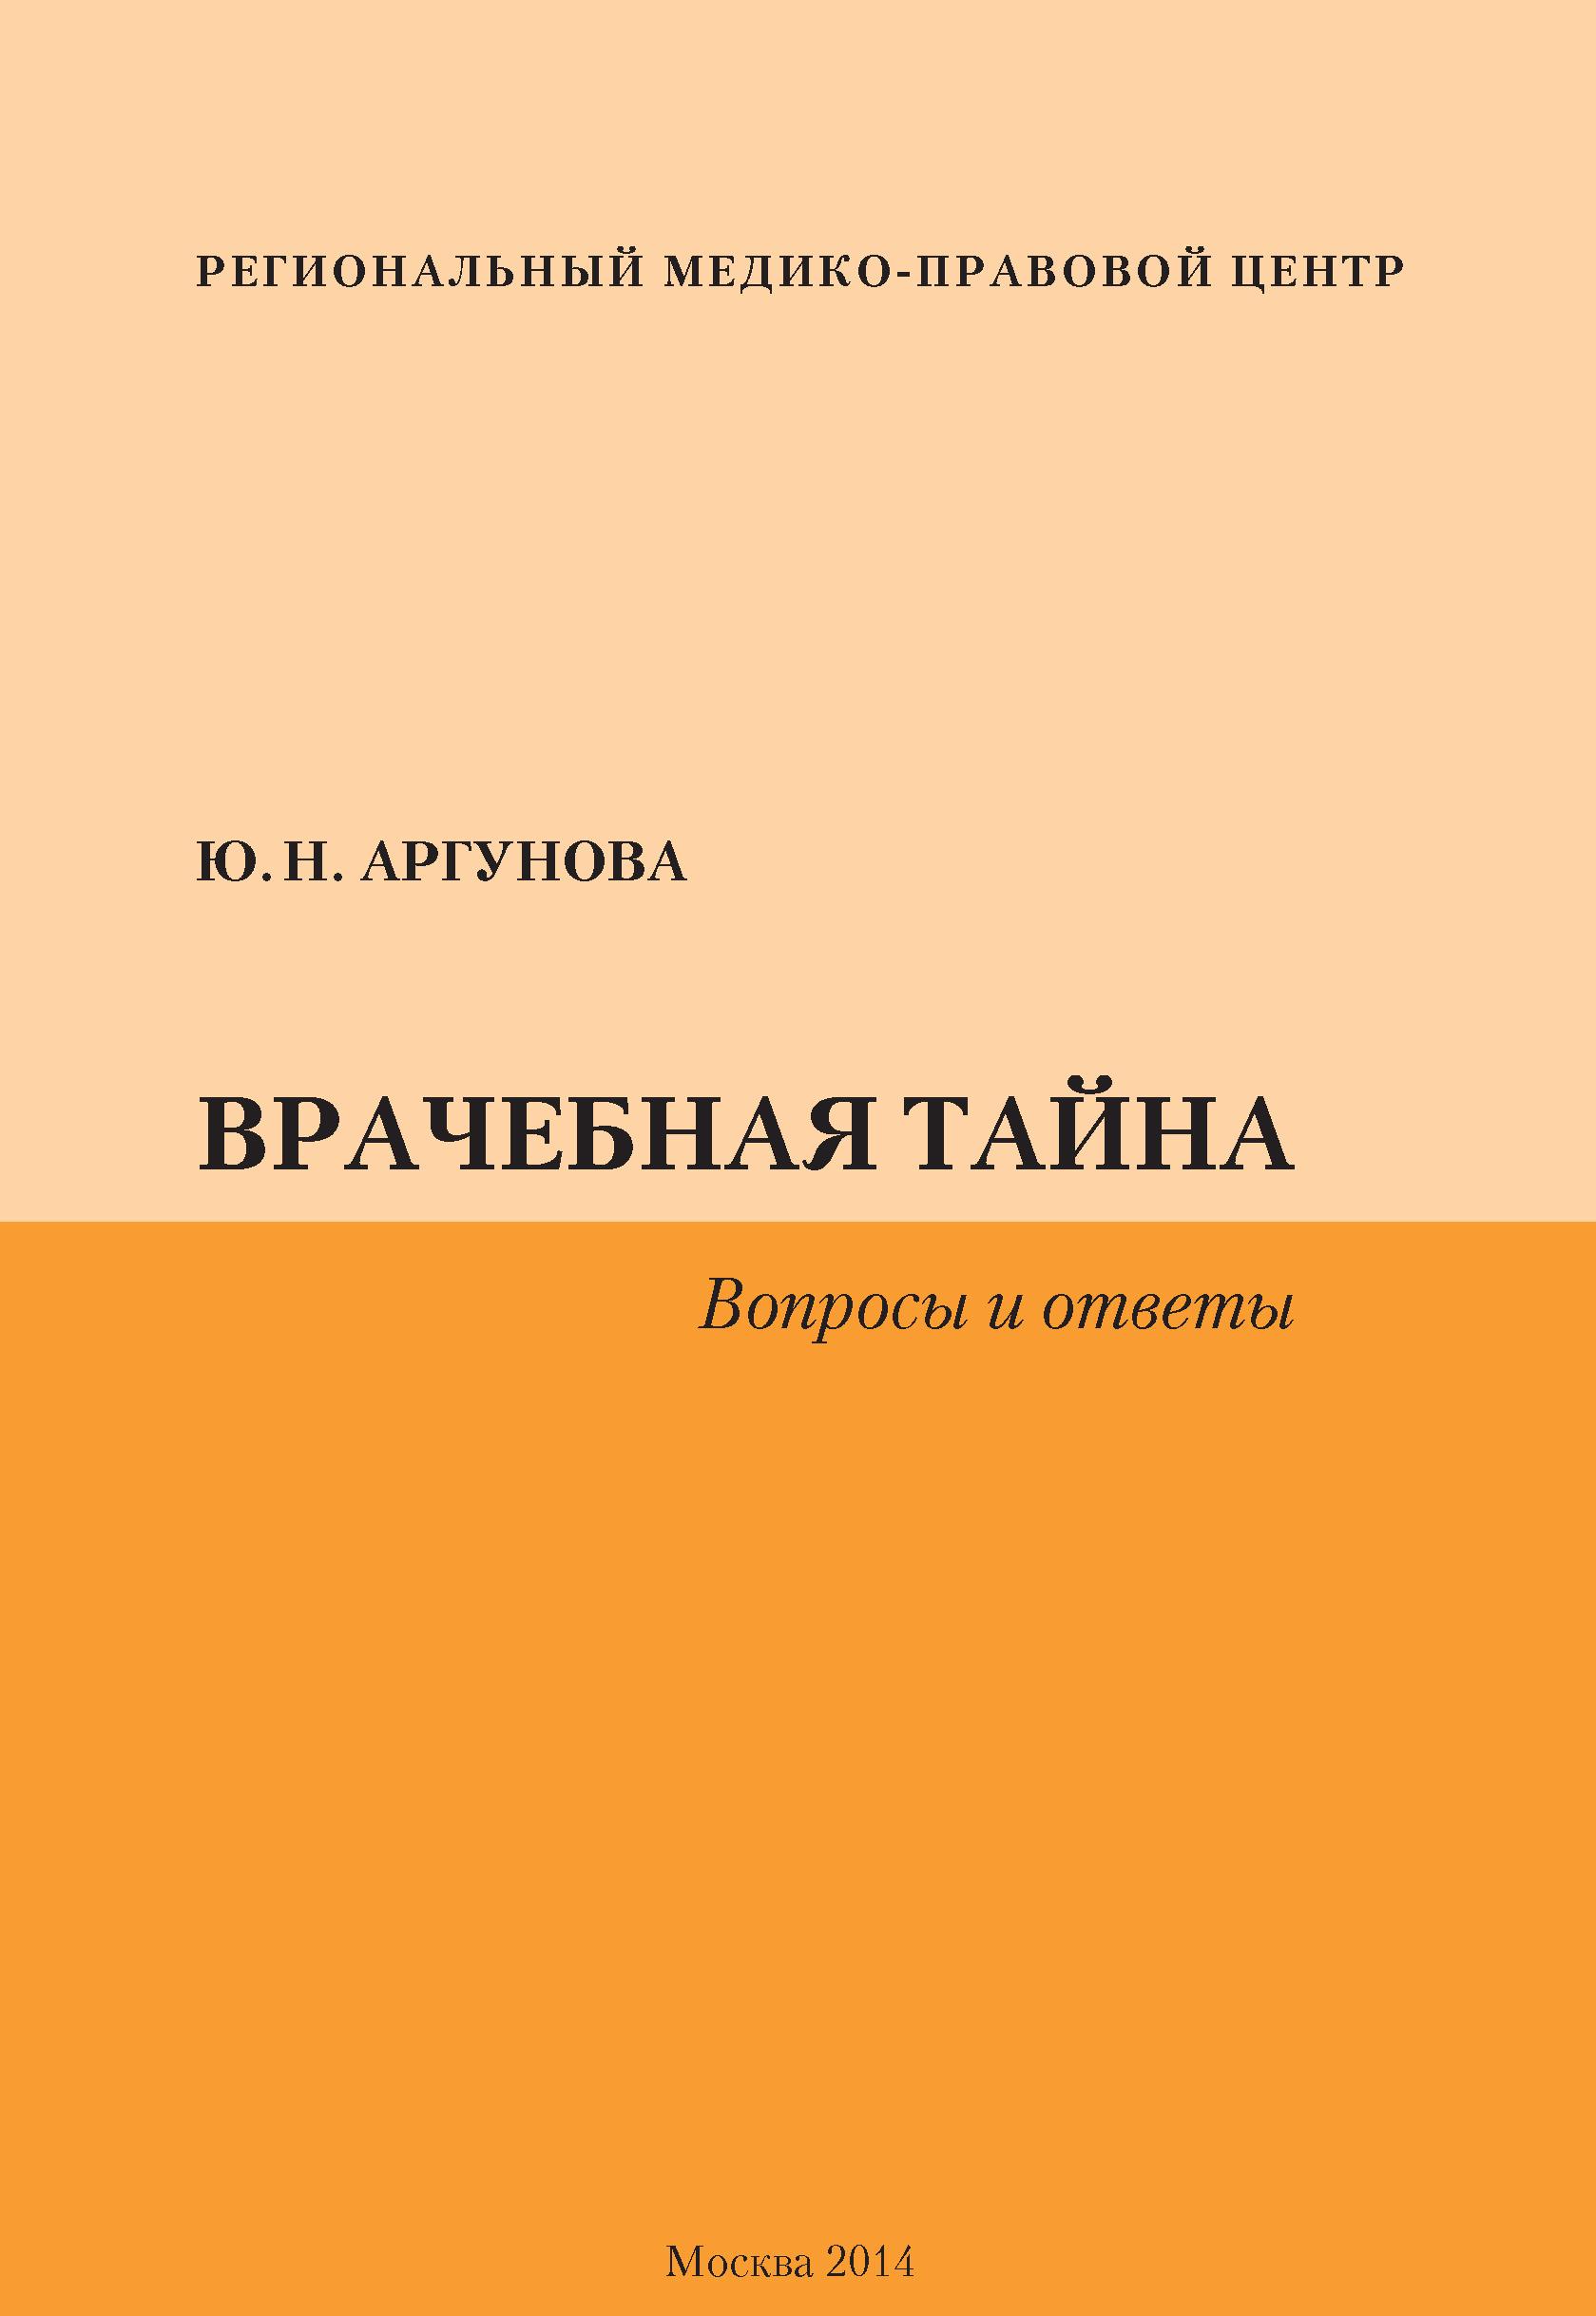 Юлия Аргунова Врачебная тайна. Вопросы и ответы аргунова ю врачебная тайна вопросы и ответы